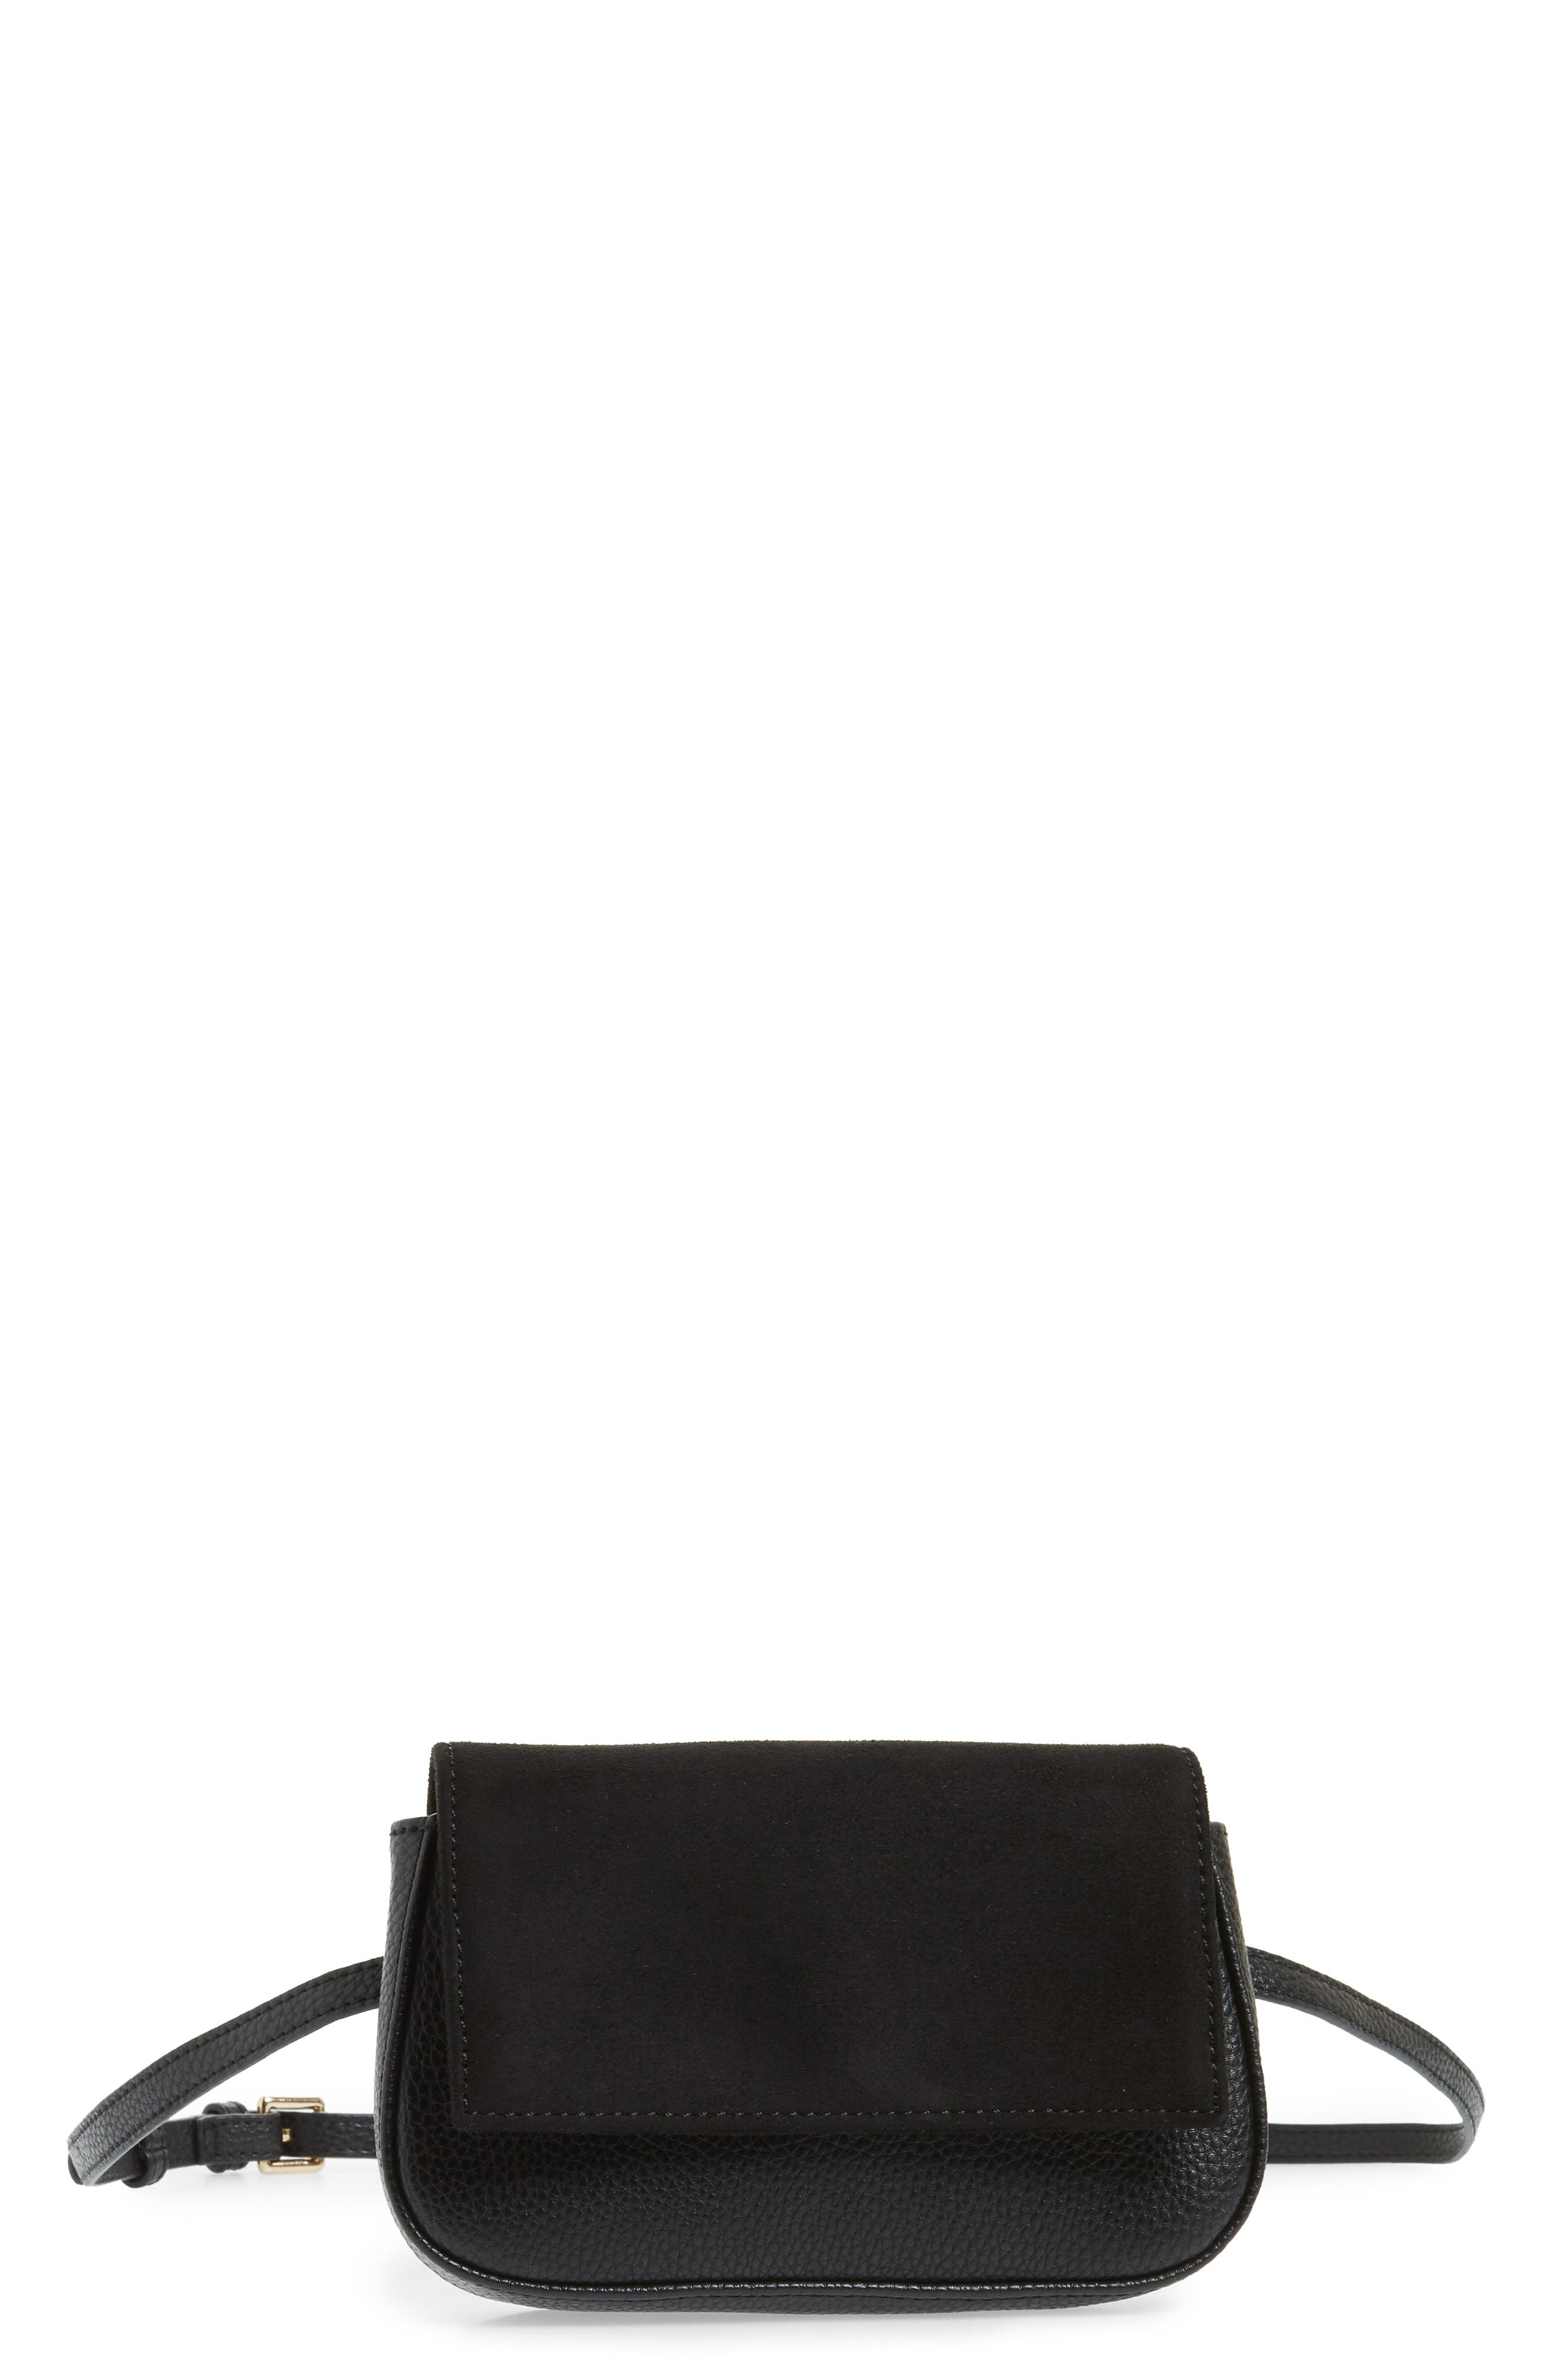 SOLE SOCIETY,                             Kinza Belt Bag,                             Main thumbnail 1, color,                             BLACK